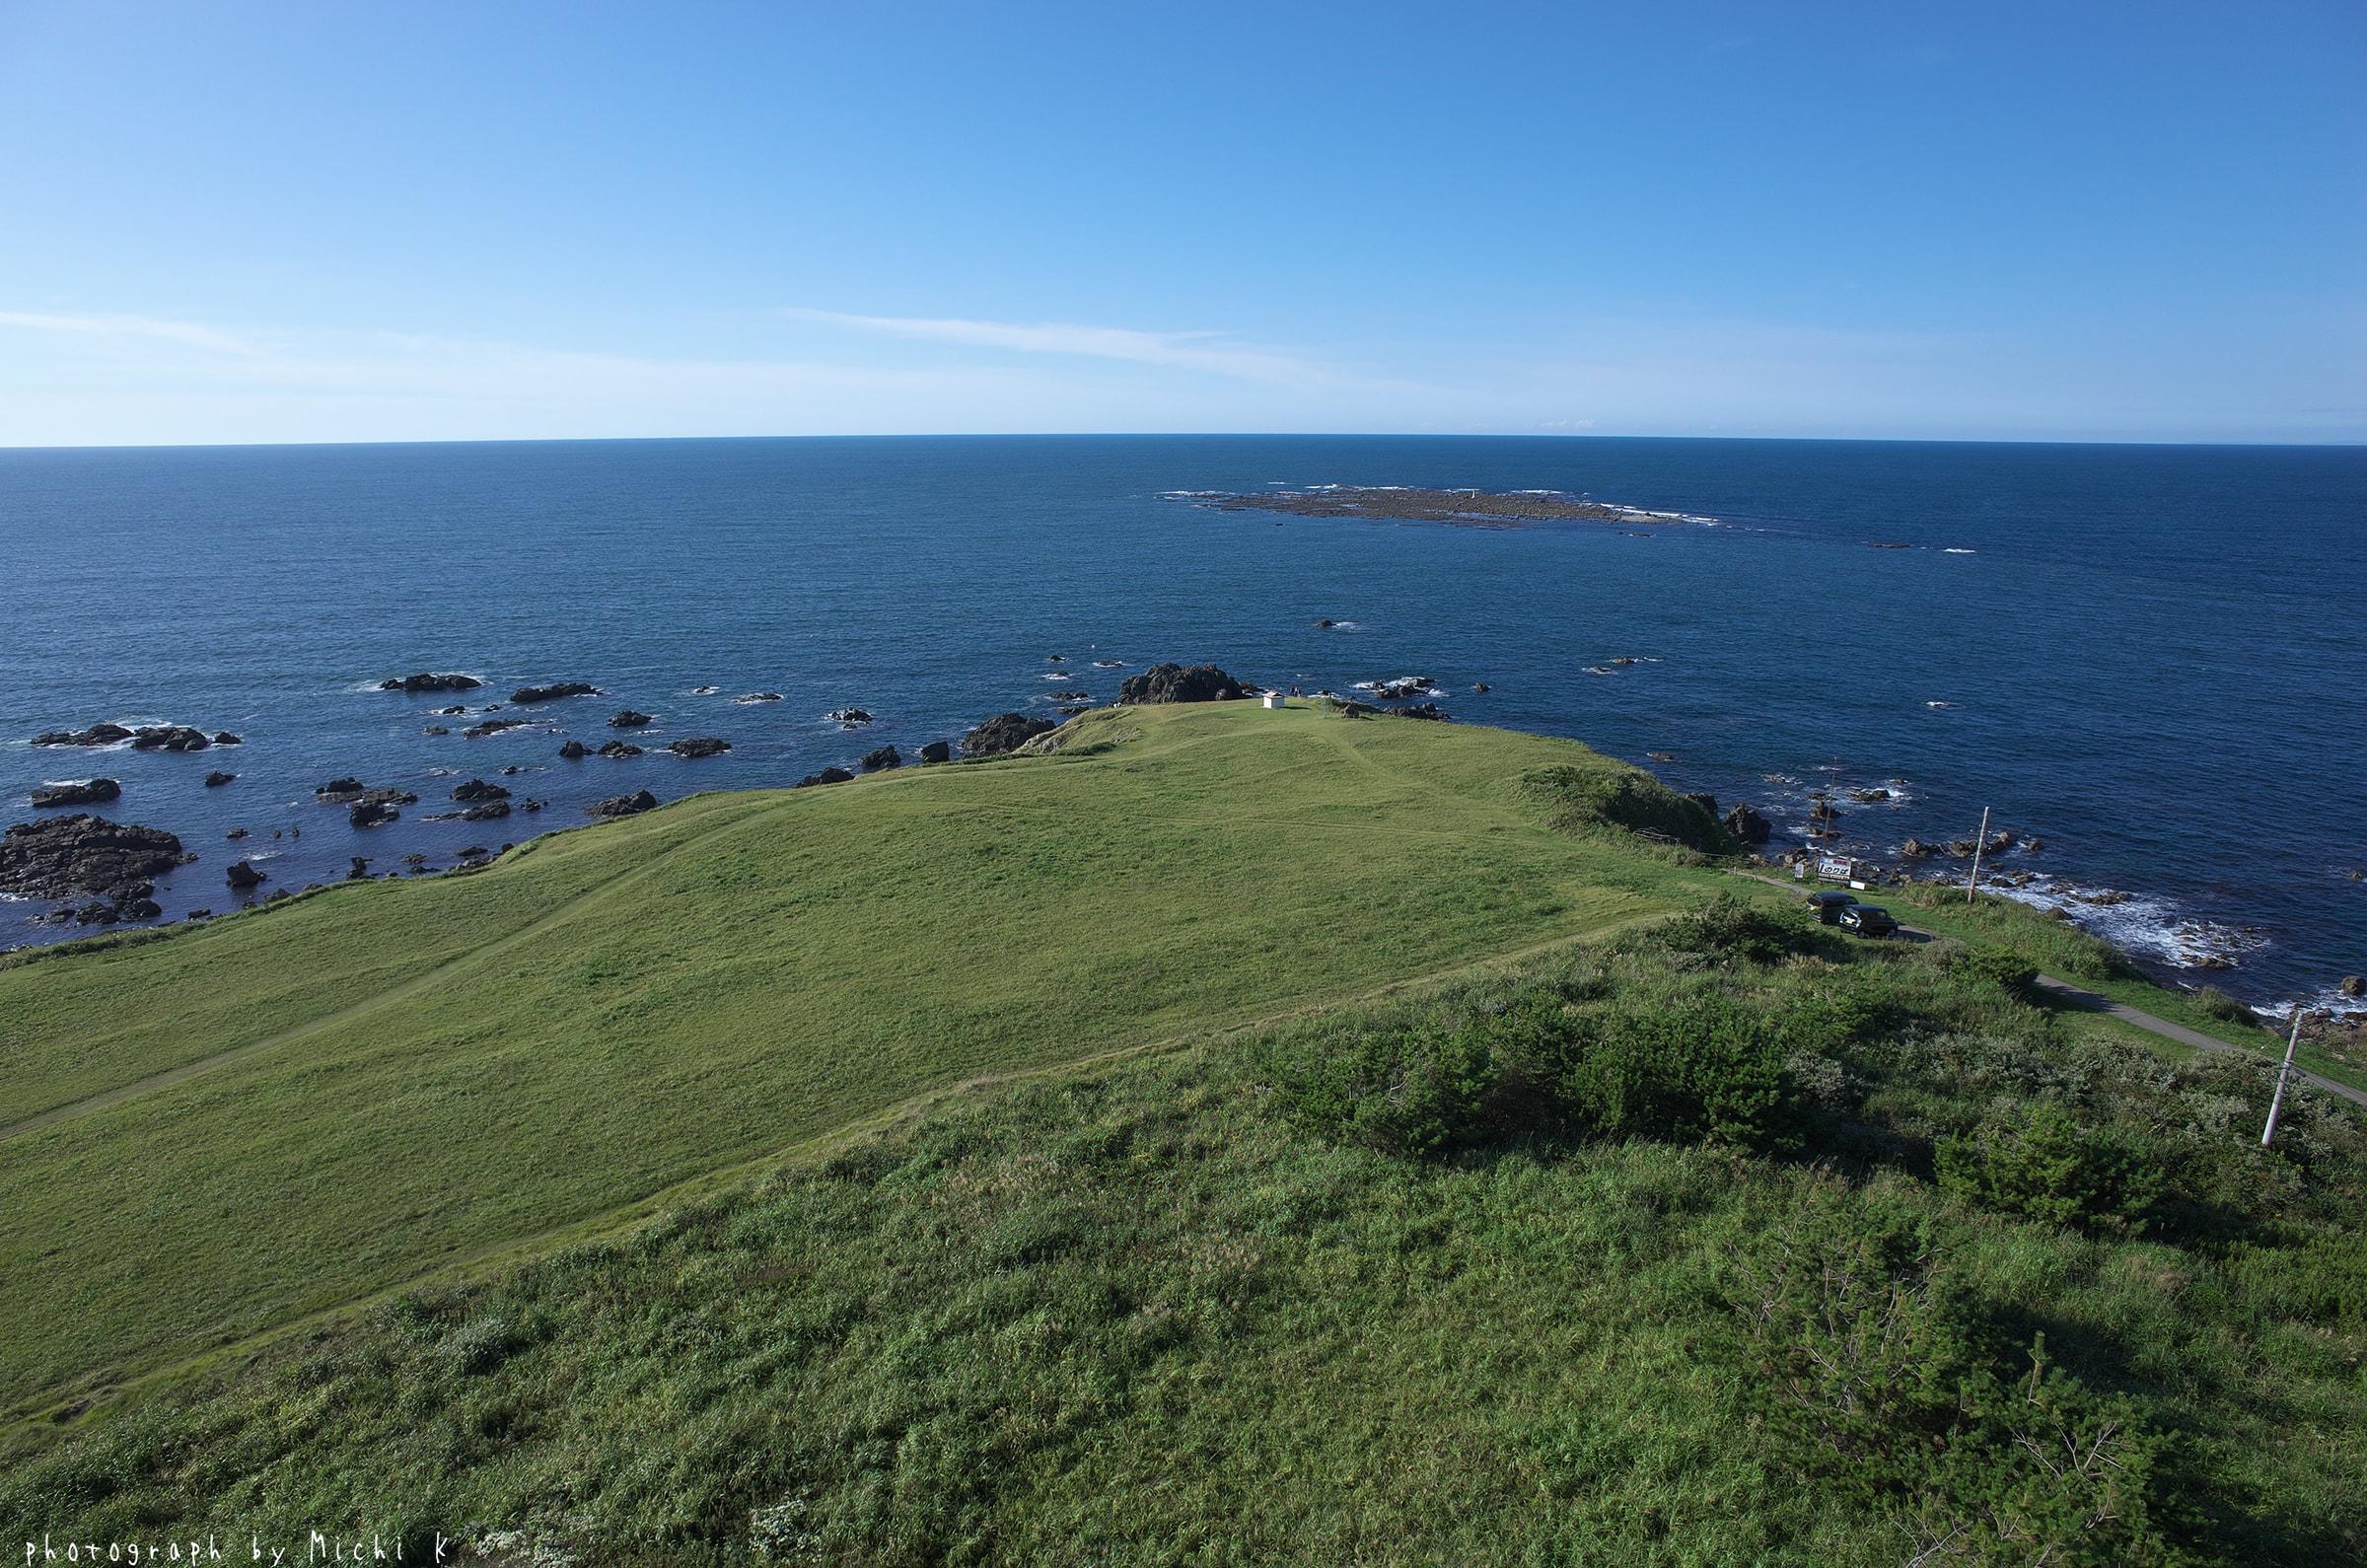 入道埼灯台展望台から海を眺めて